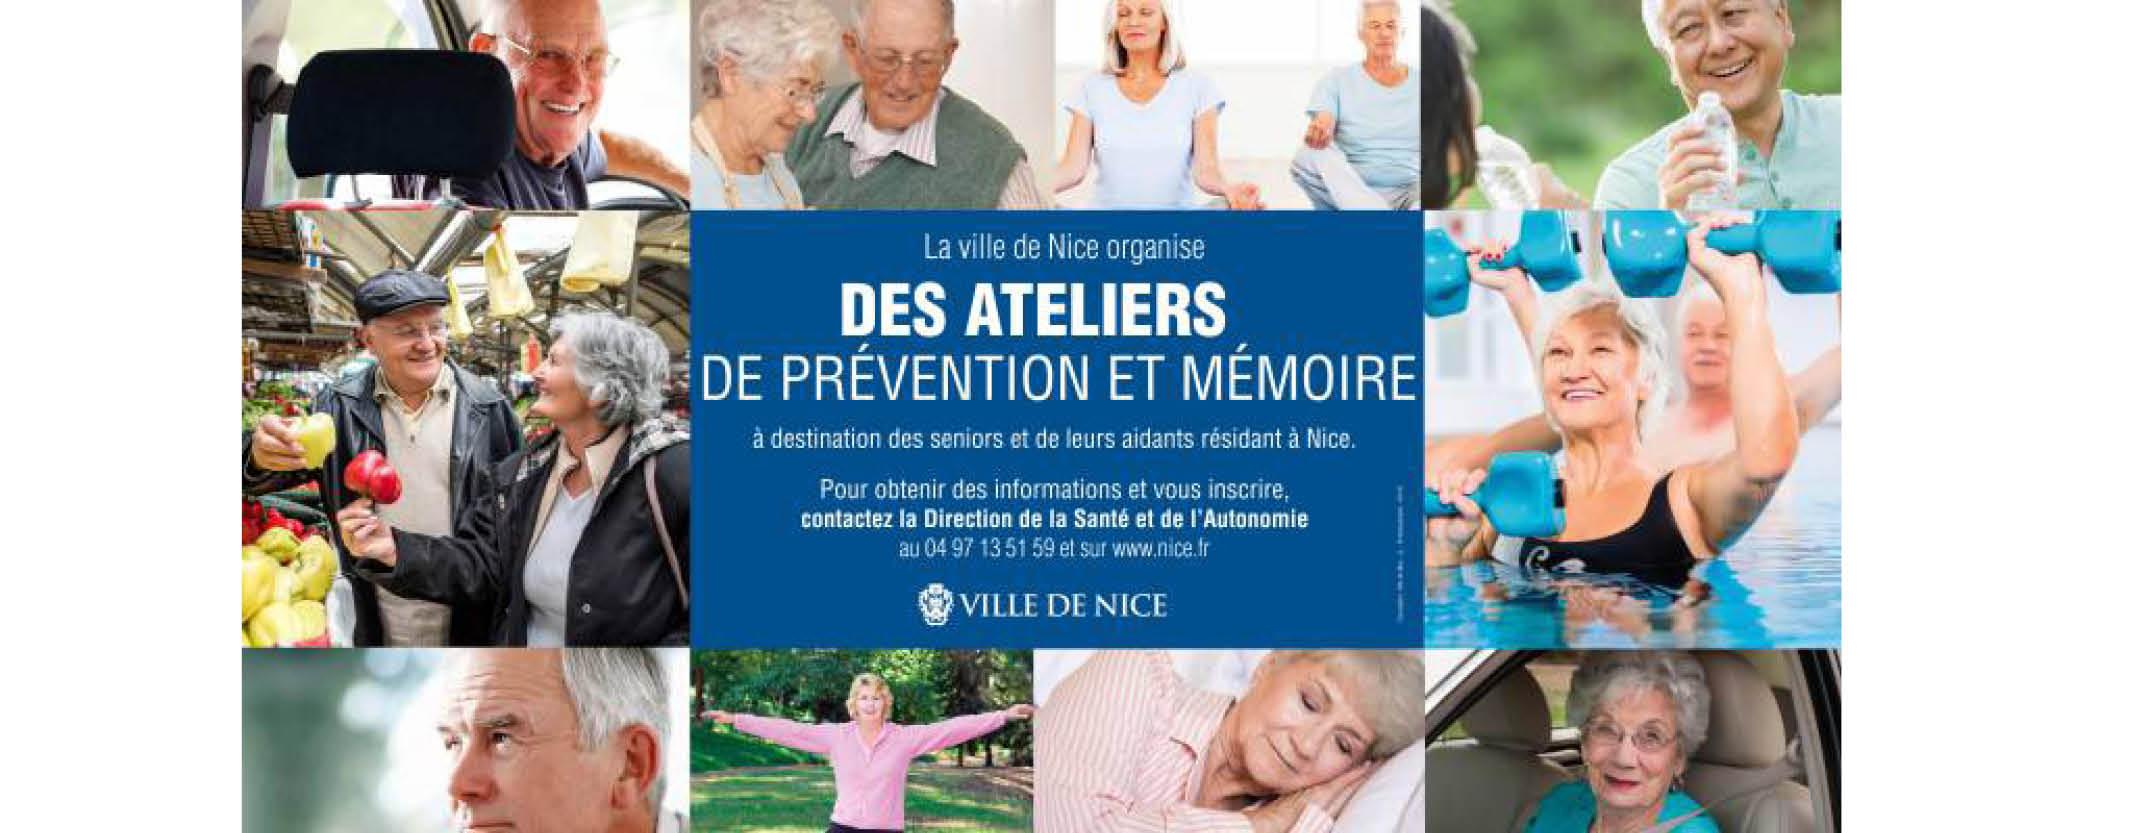 Des ateliers mémoire pour les seniors niçois